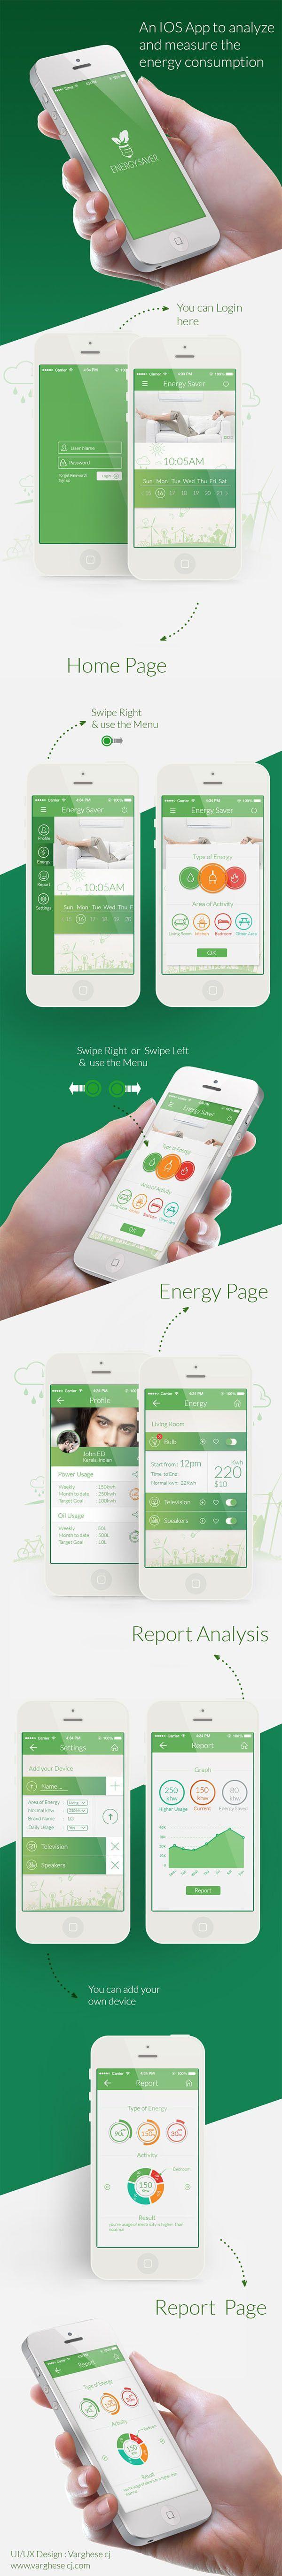 Mobile UI Design Inspiration